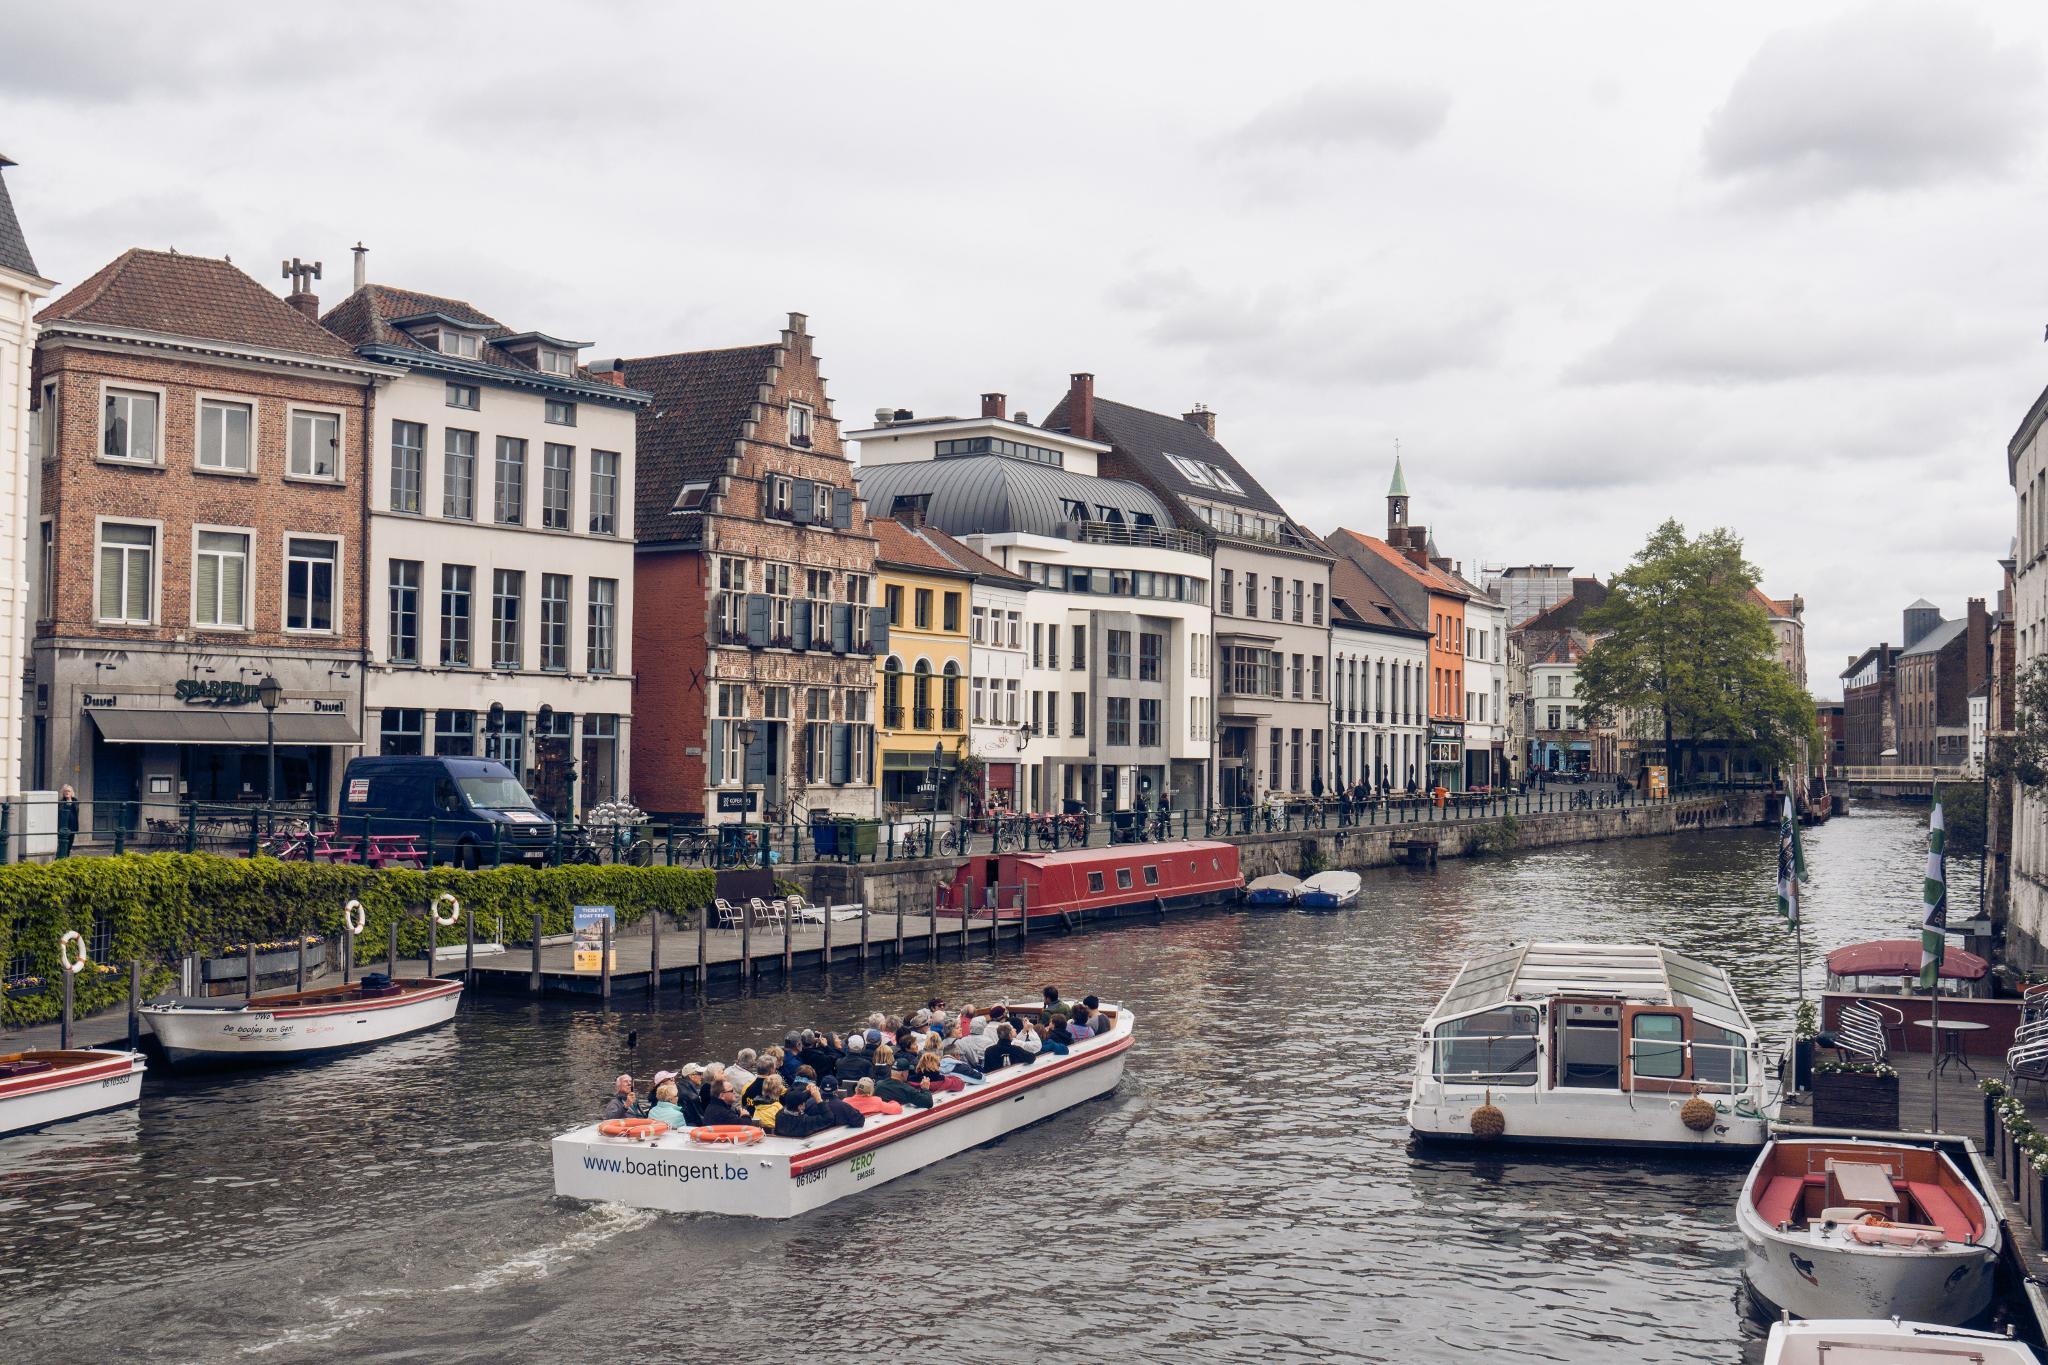 【比利時】穿梭中世紀的大城小事 — 比利時根特 (Ghent) 散步景點總整理 91